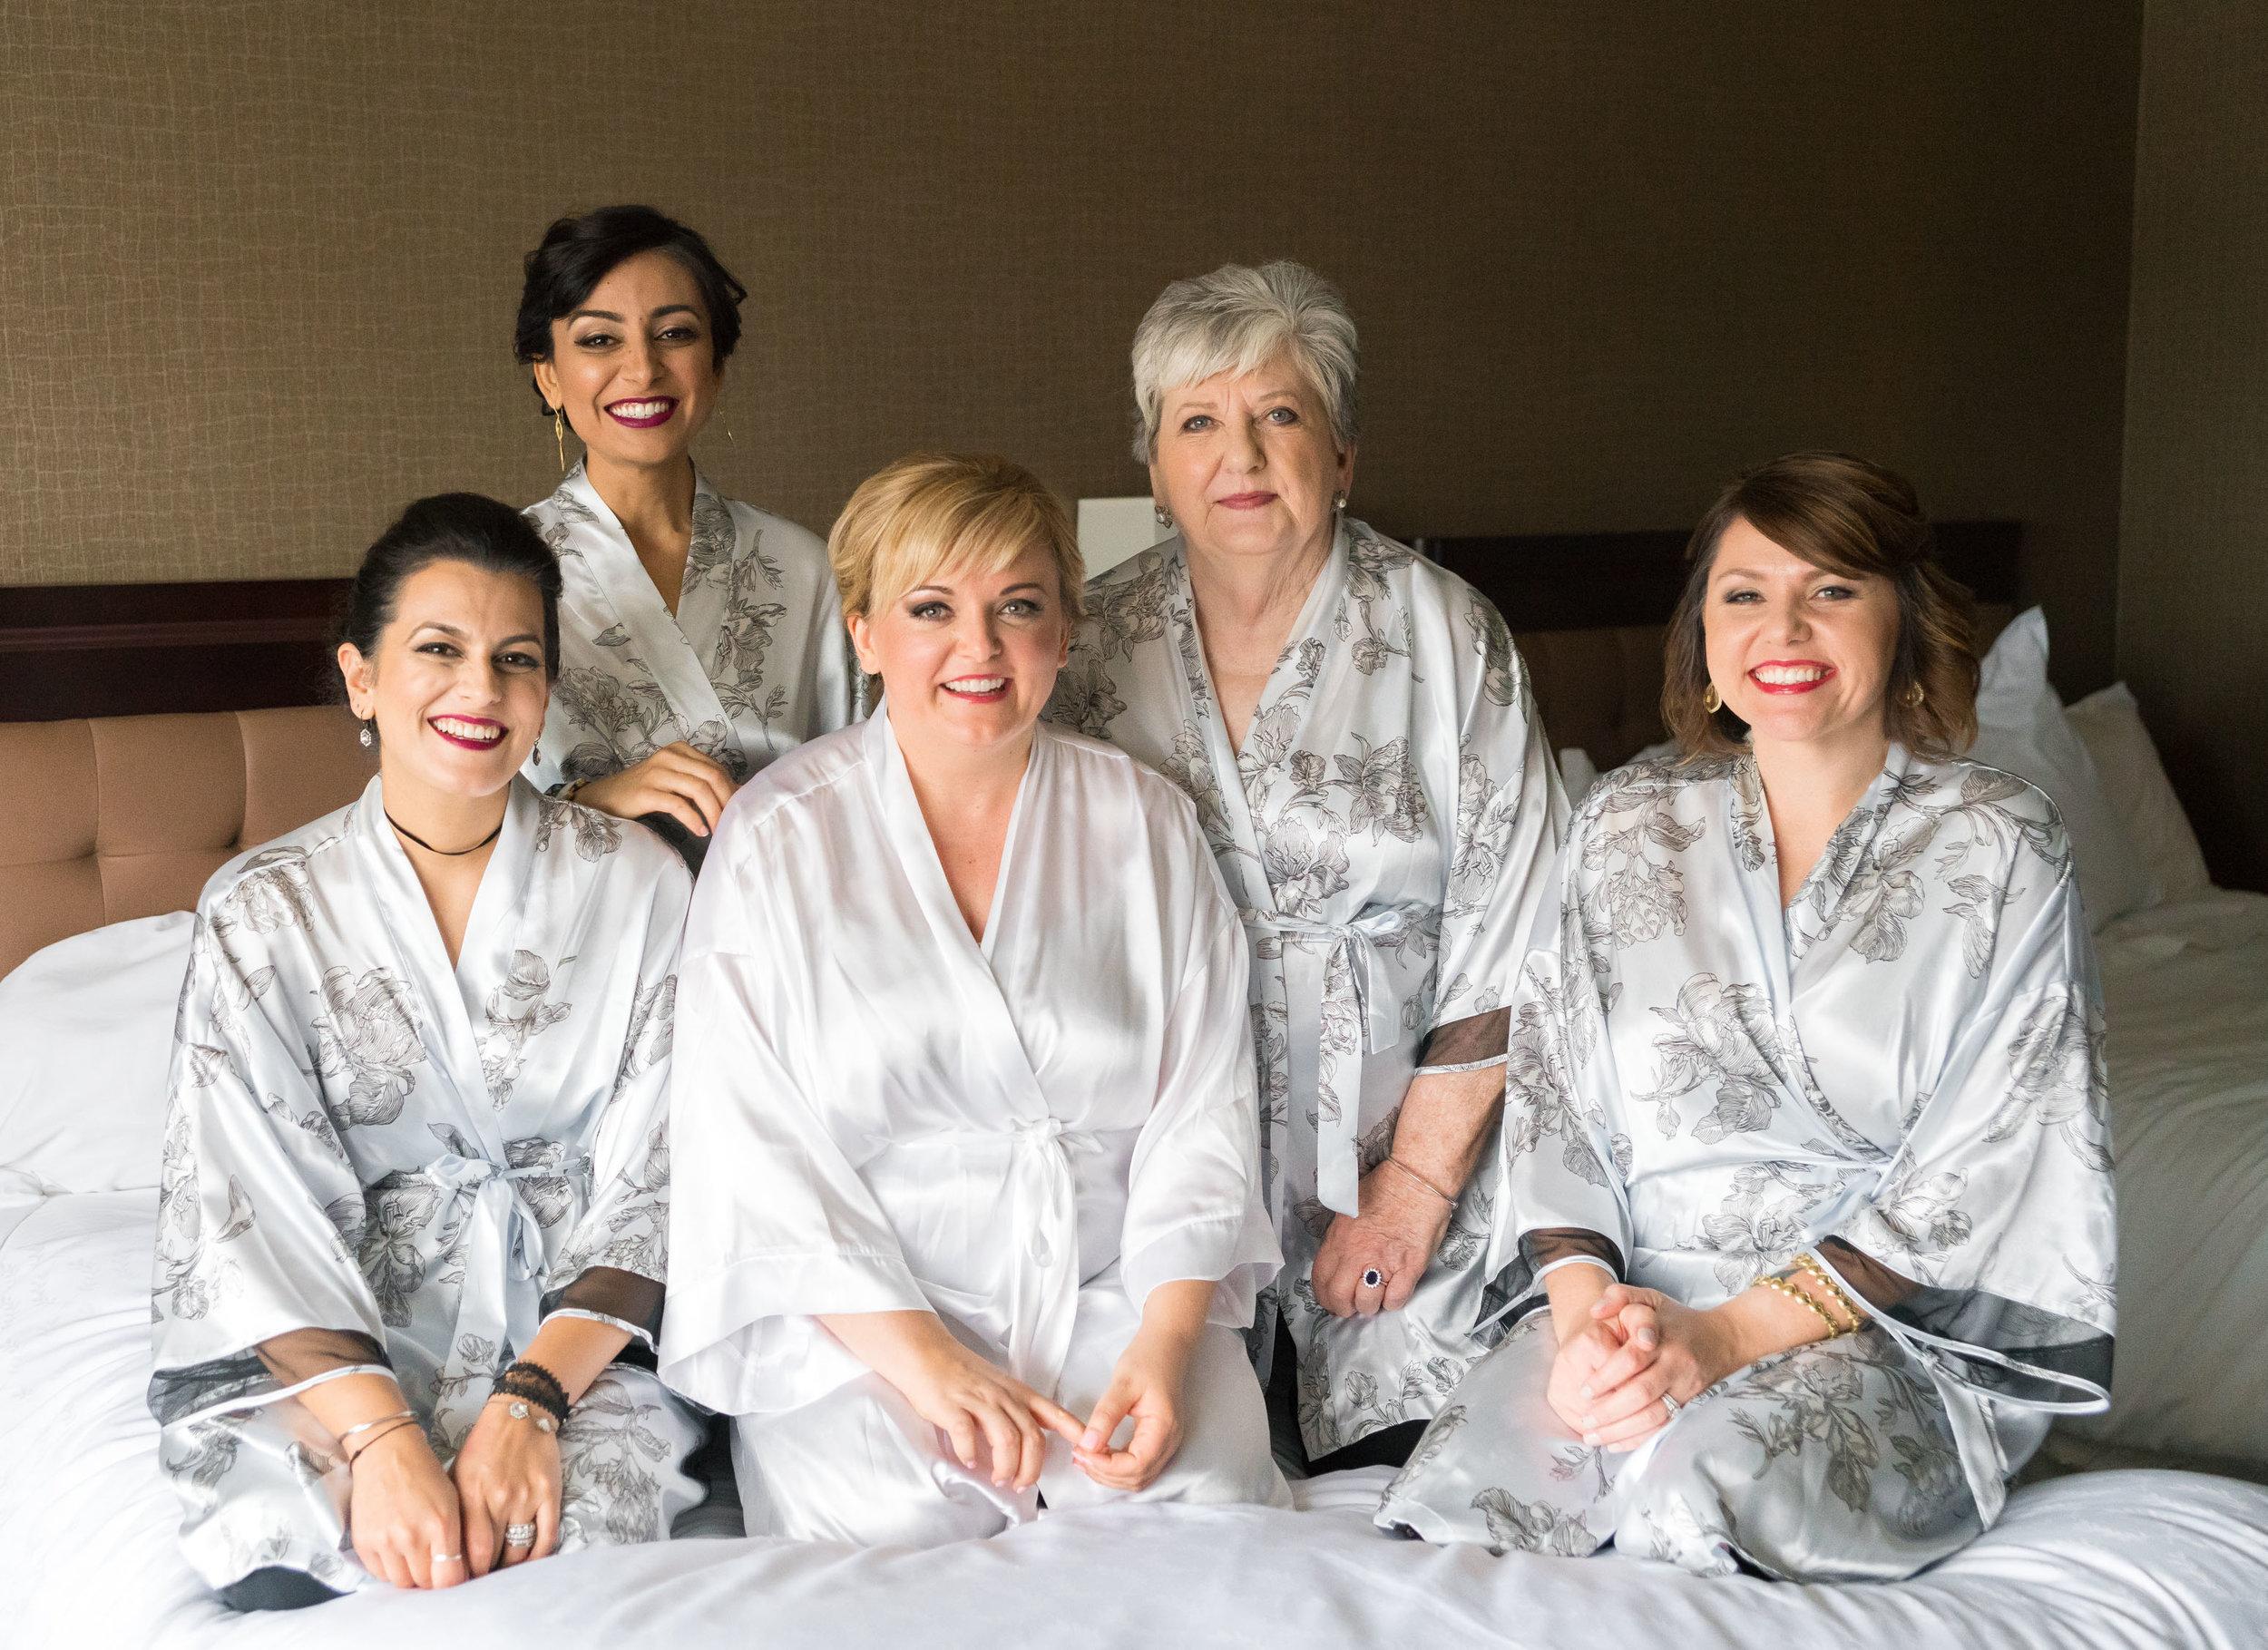 Bridesmaids at reston sheraton hotel